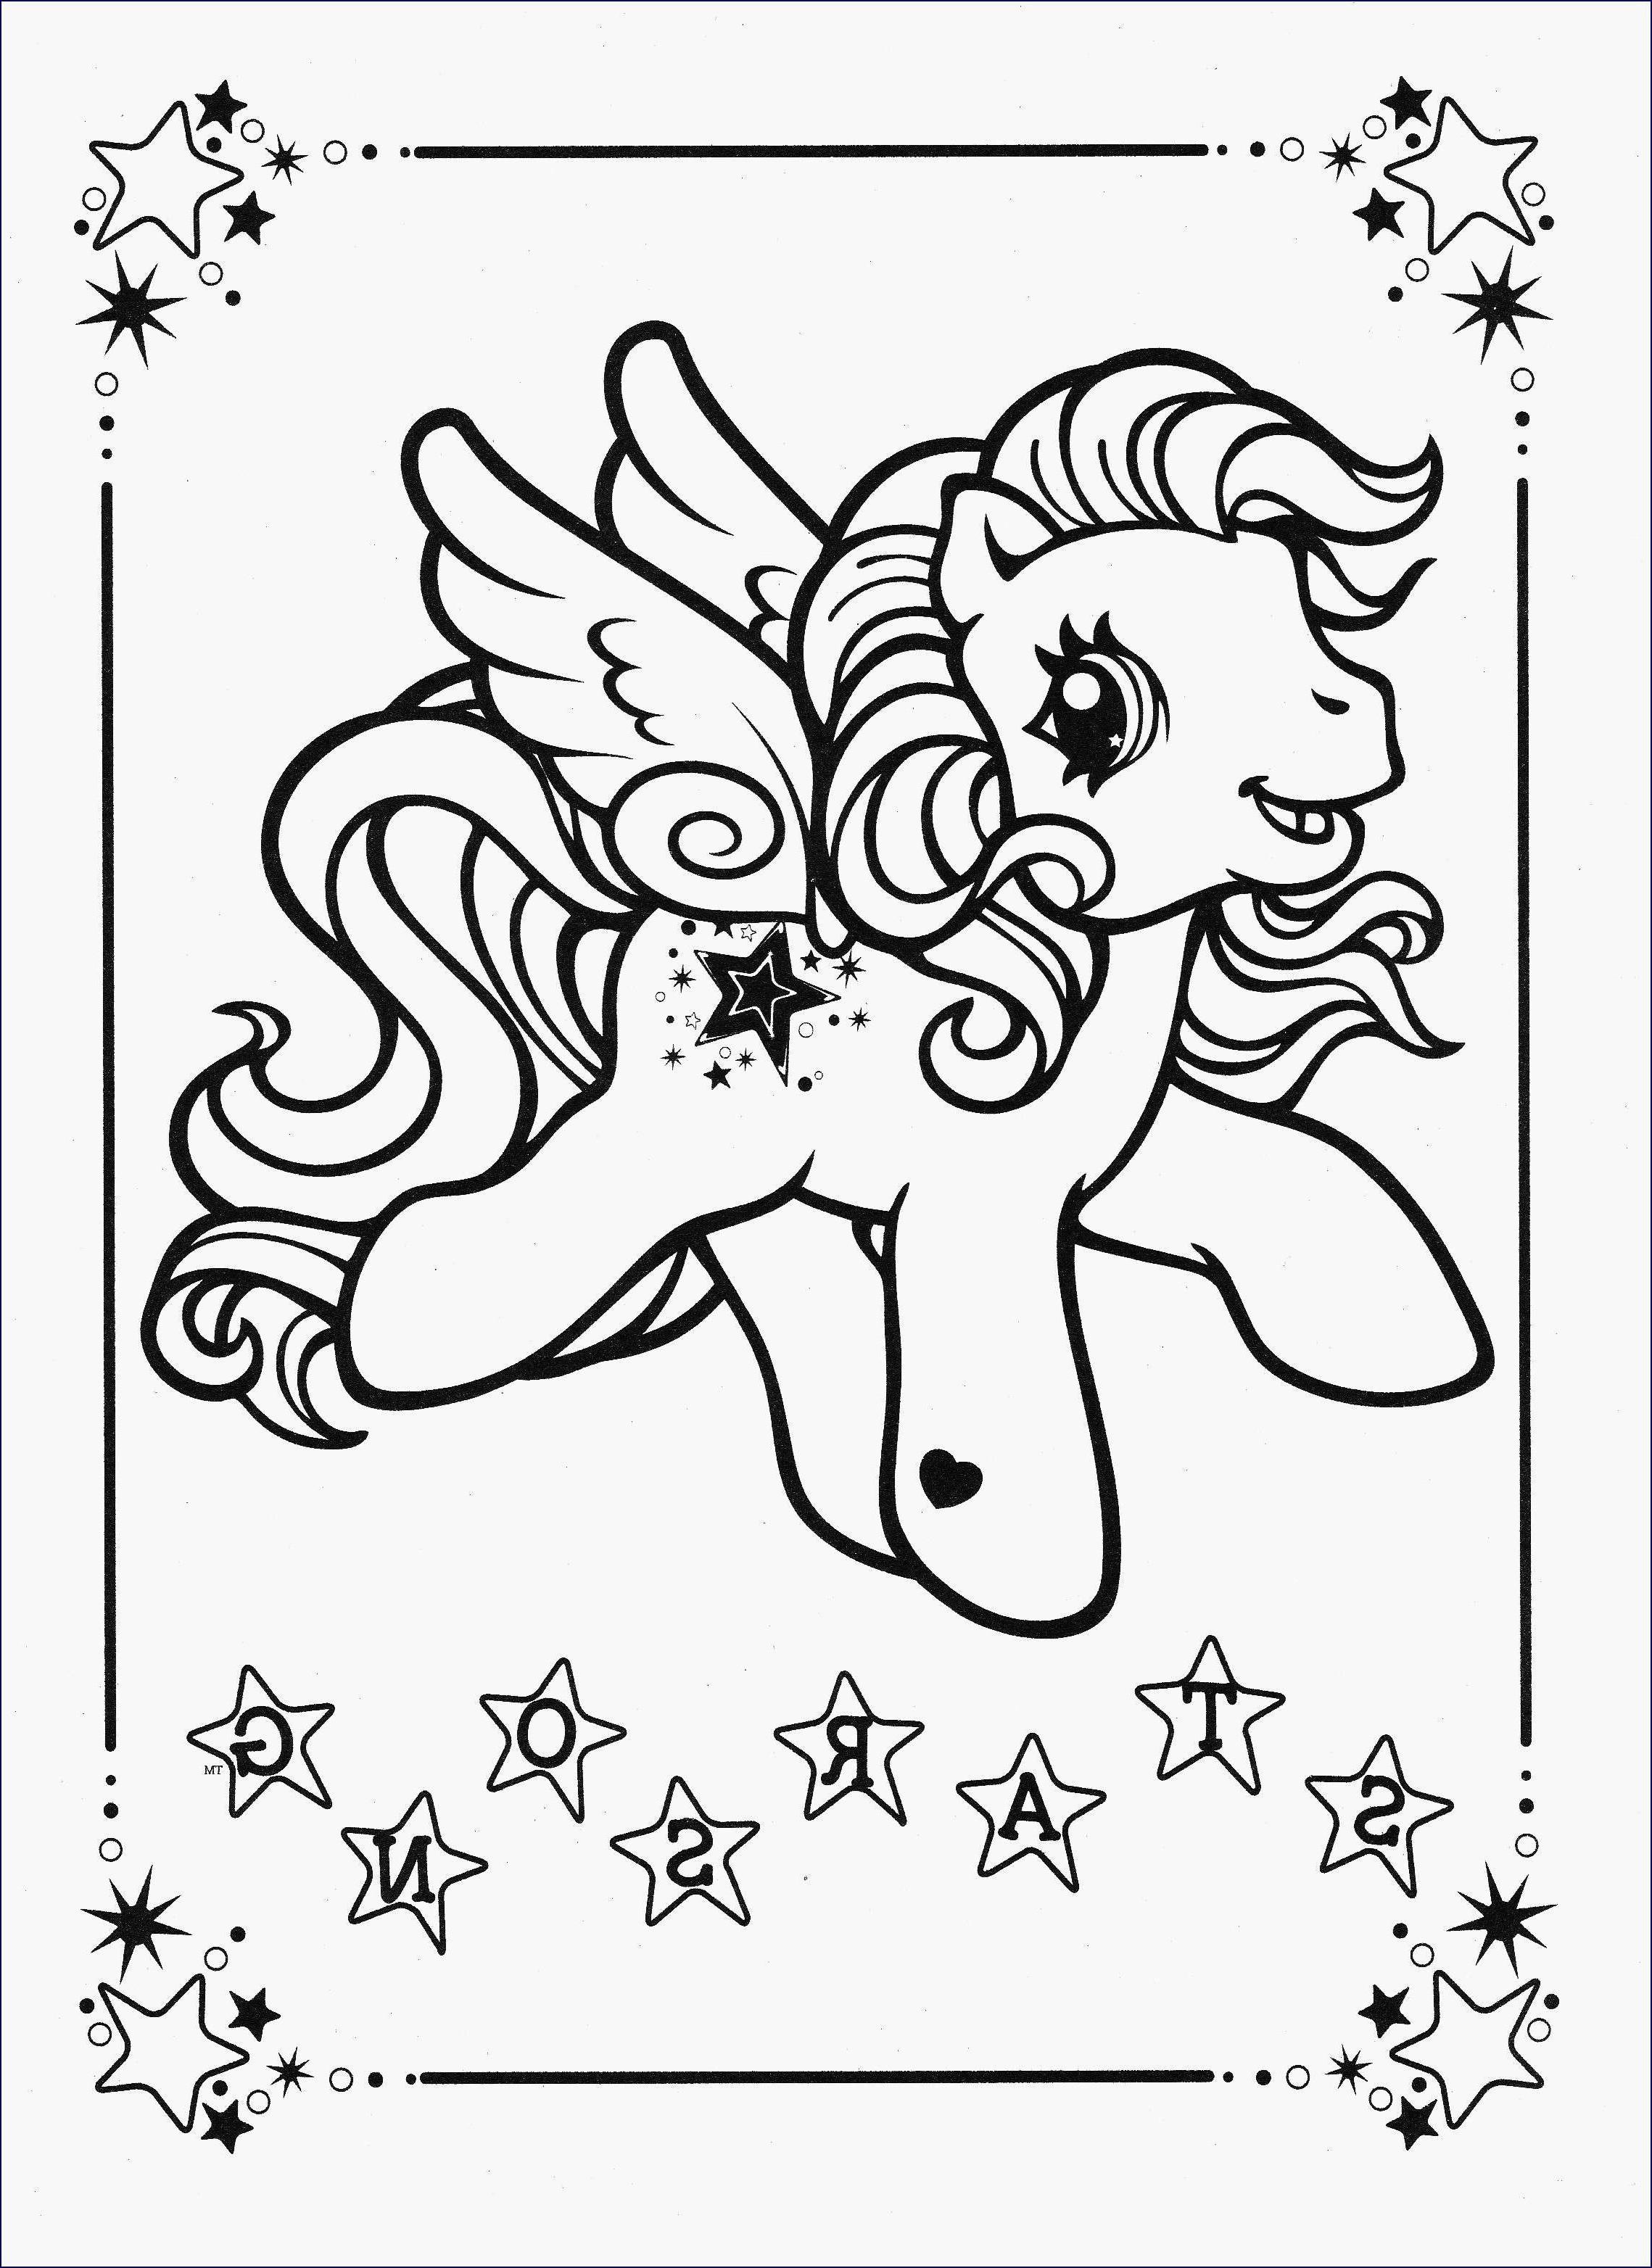 Ausmalbilder Little Pony Neu 32 Fantastisch Ausmalbilder My Little Pony – Malvorlagen Ideen Das Bild